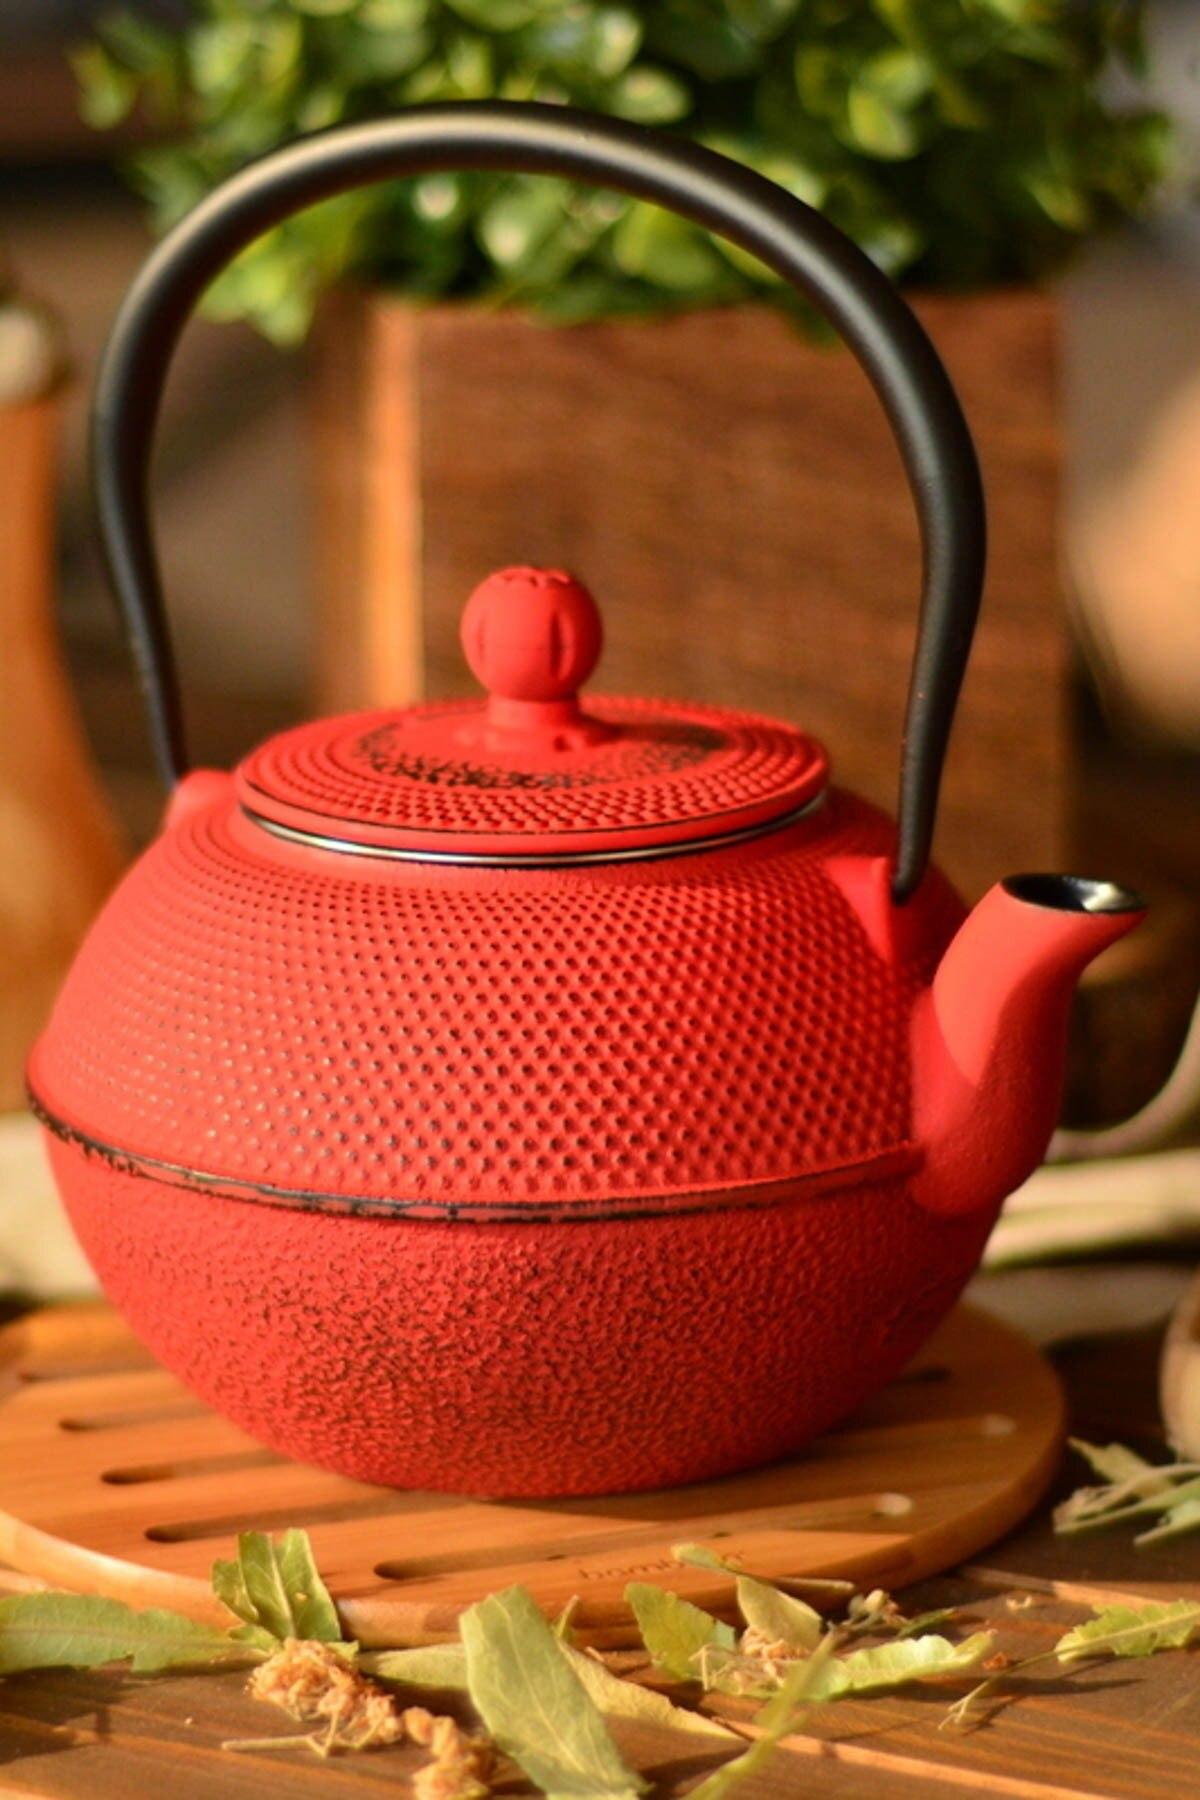 إبريق شاي ياباني من الحديد الزهر ، غلاية الشاي ، 1200 مللي ، ماء مغلي